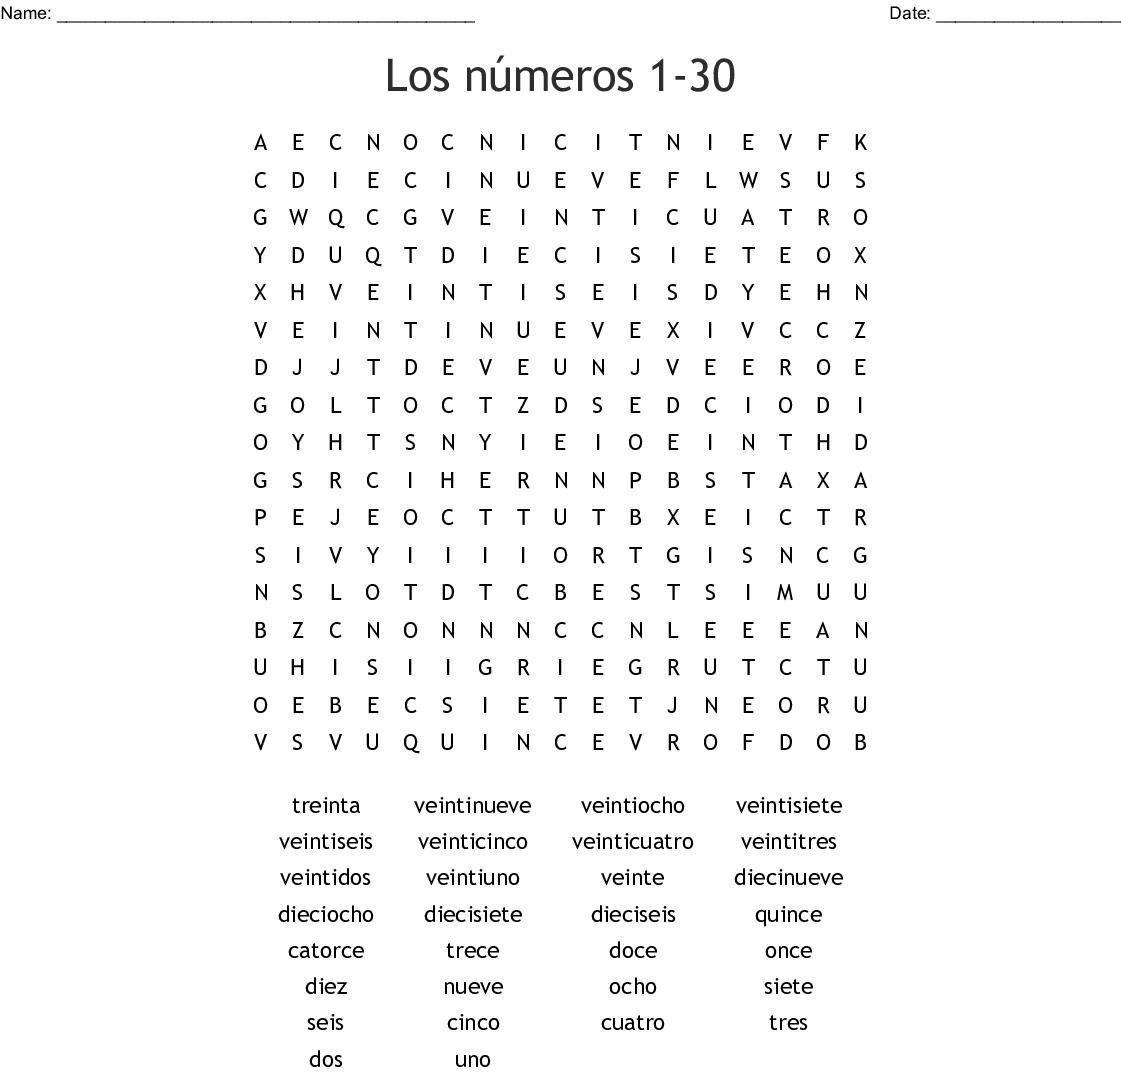 1 30 In Spanish